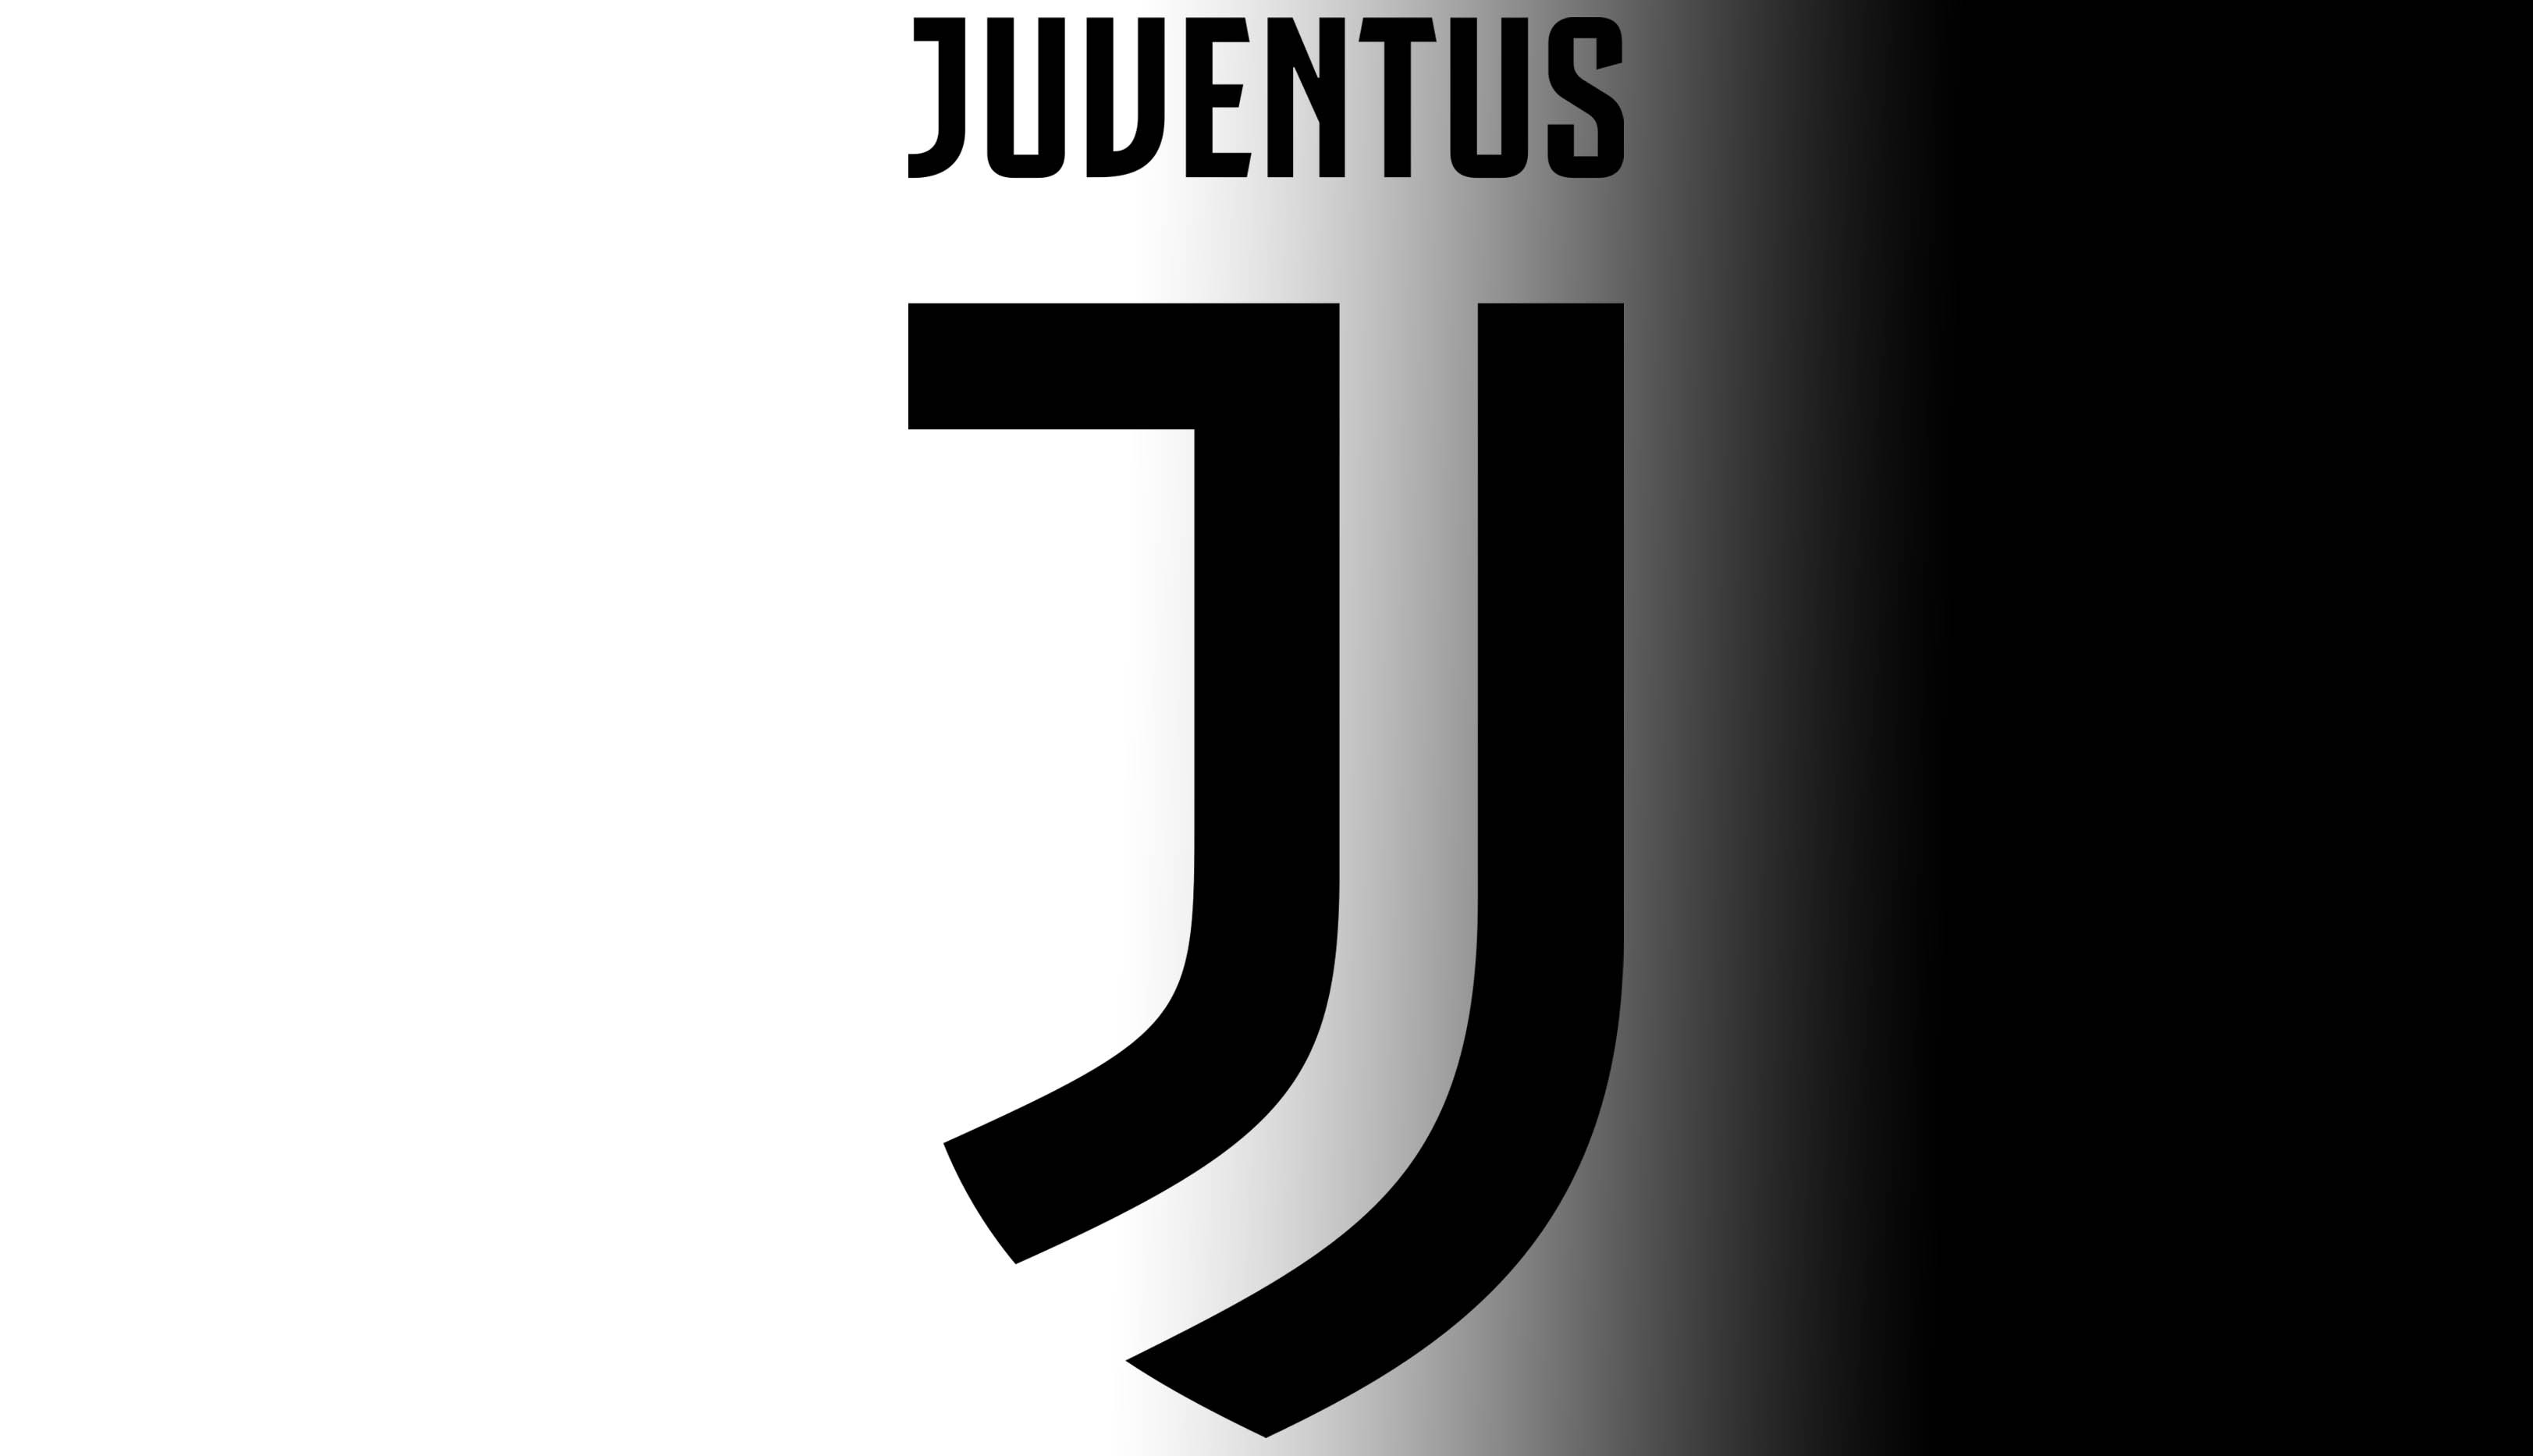 Juventus2017/18